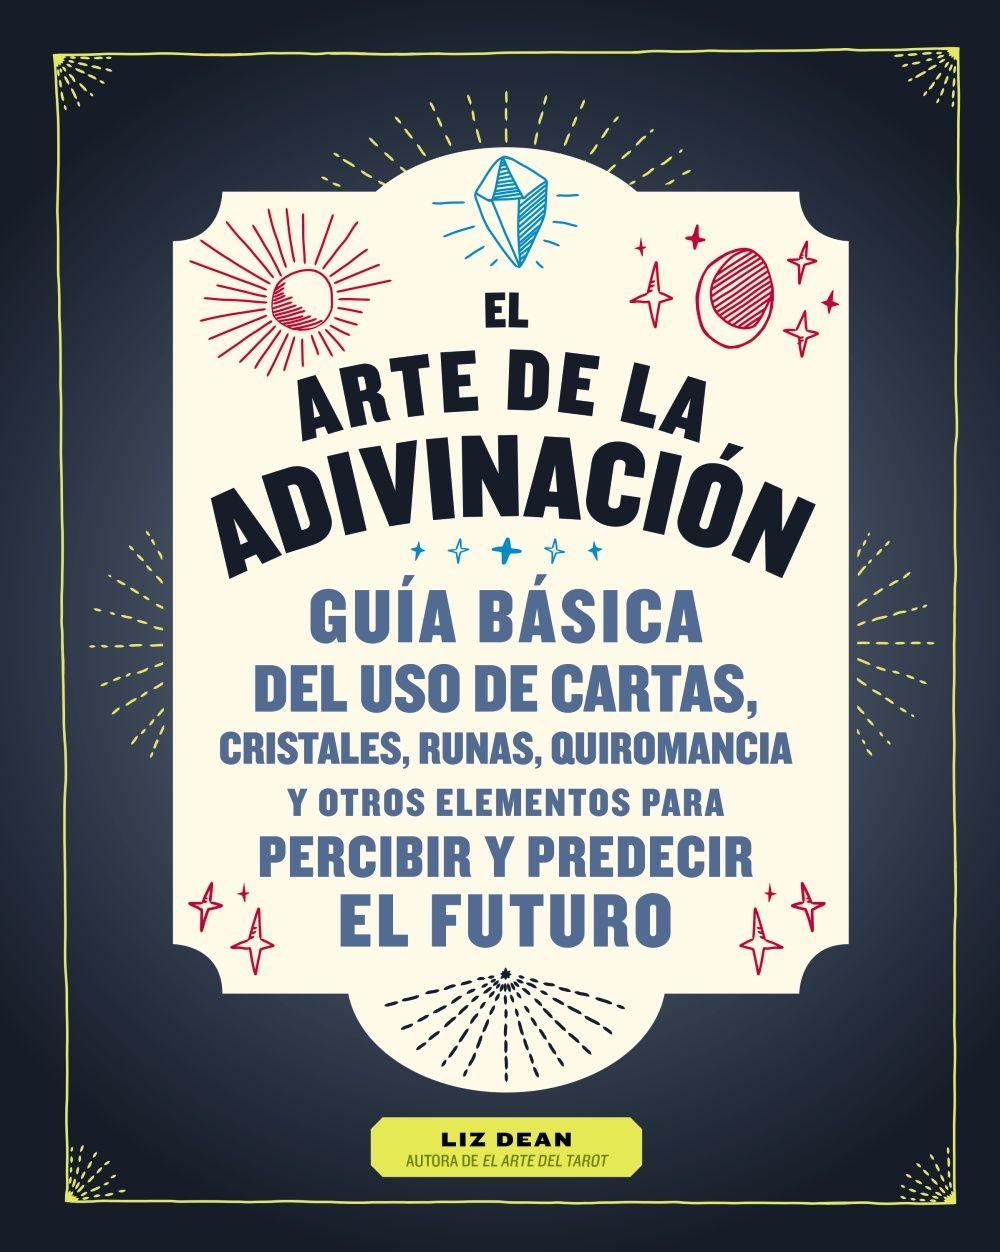 ARTE DE LA ADIVINACIÓN